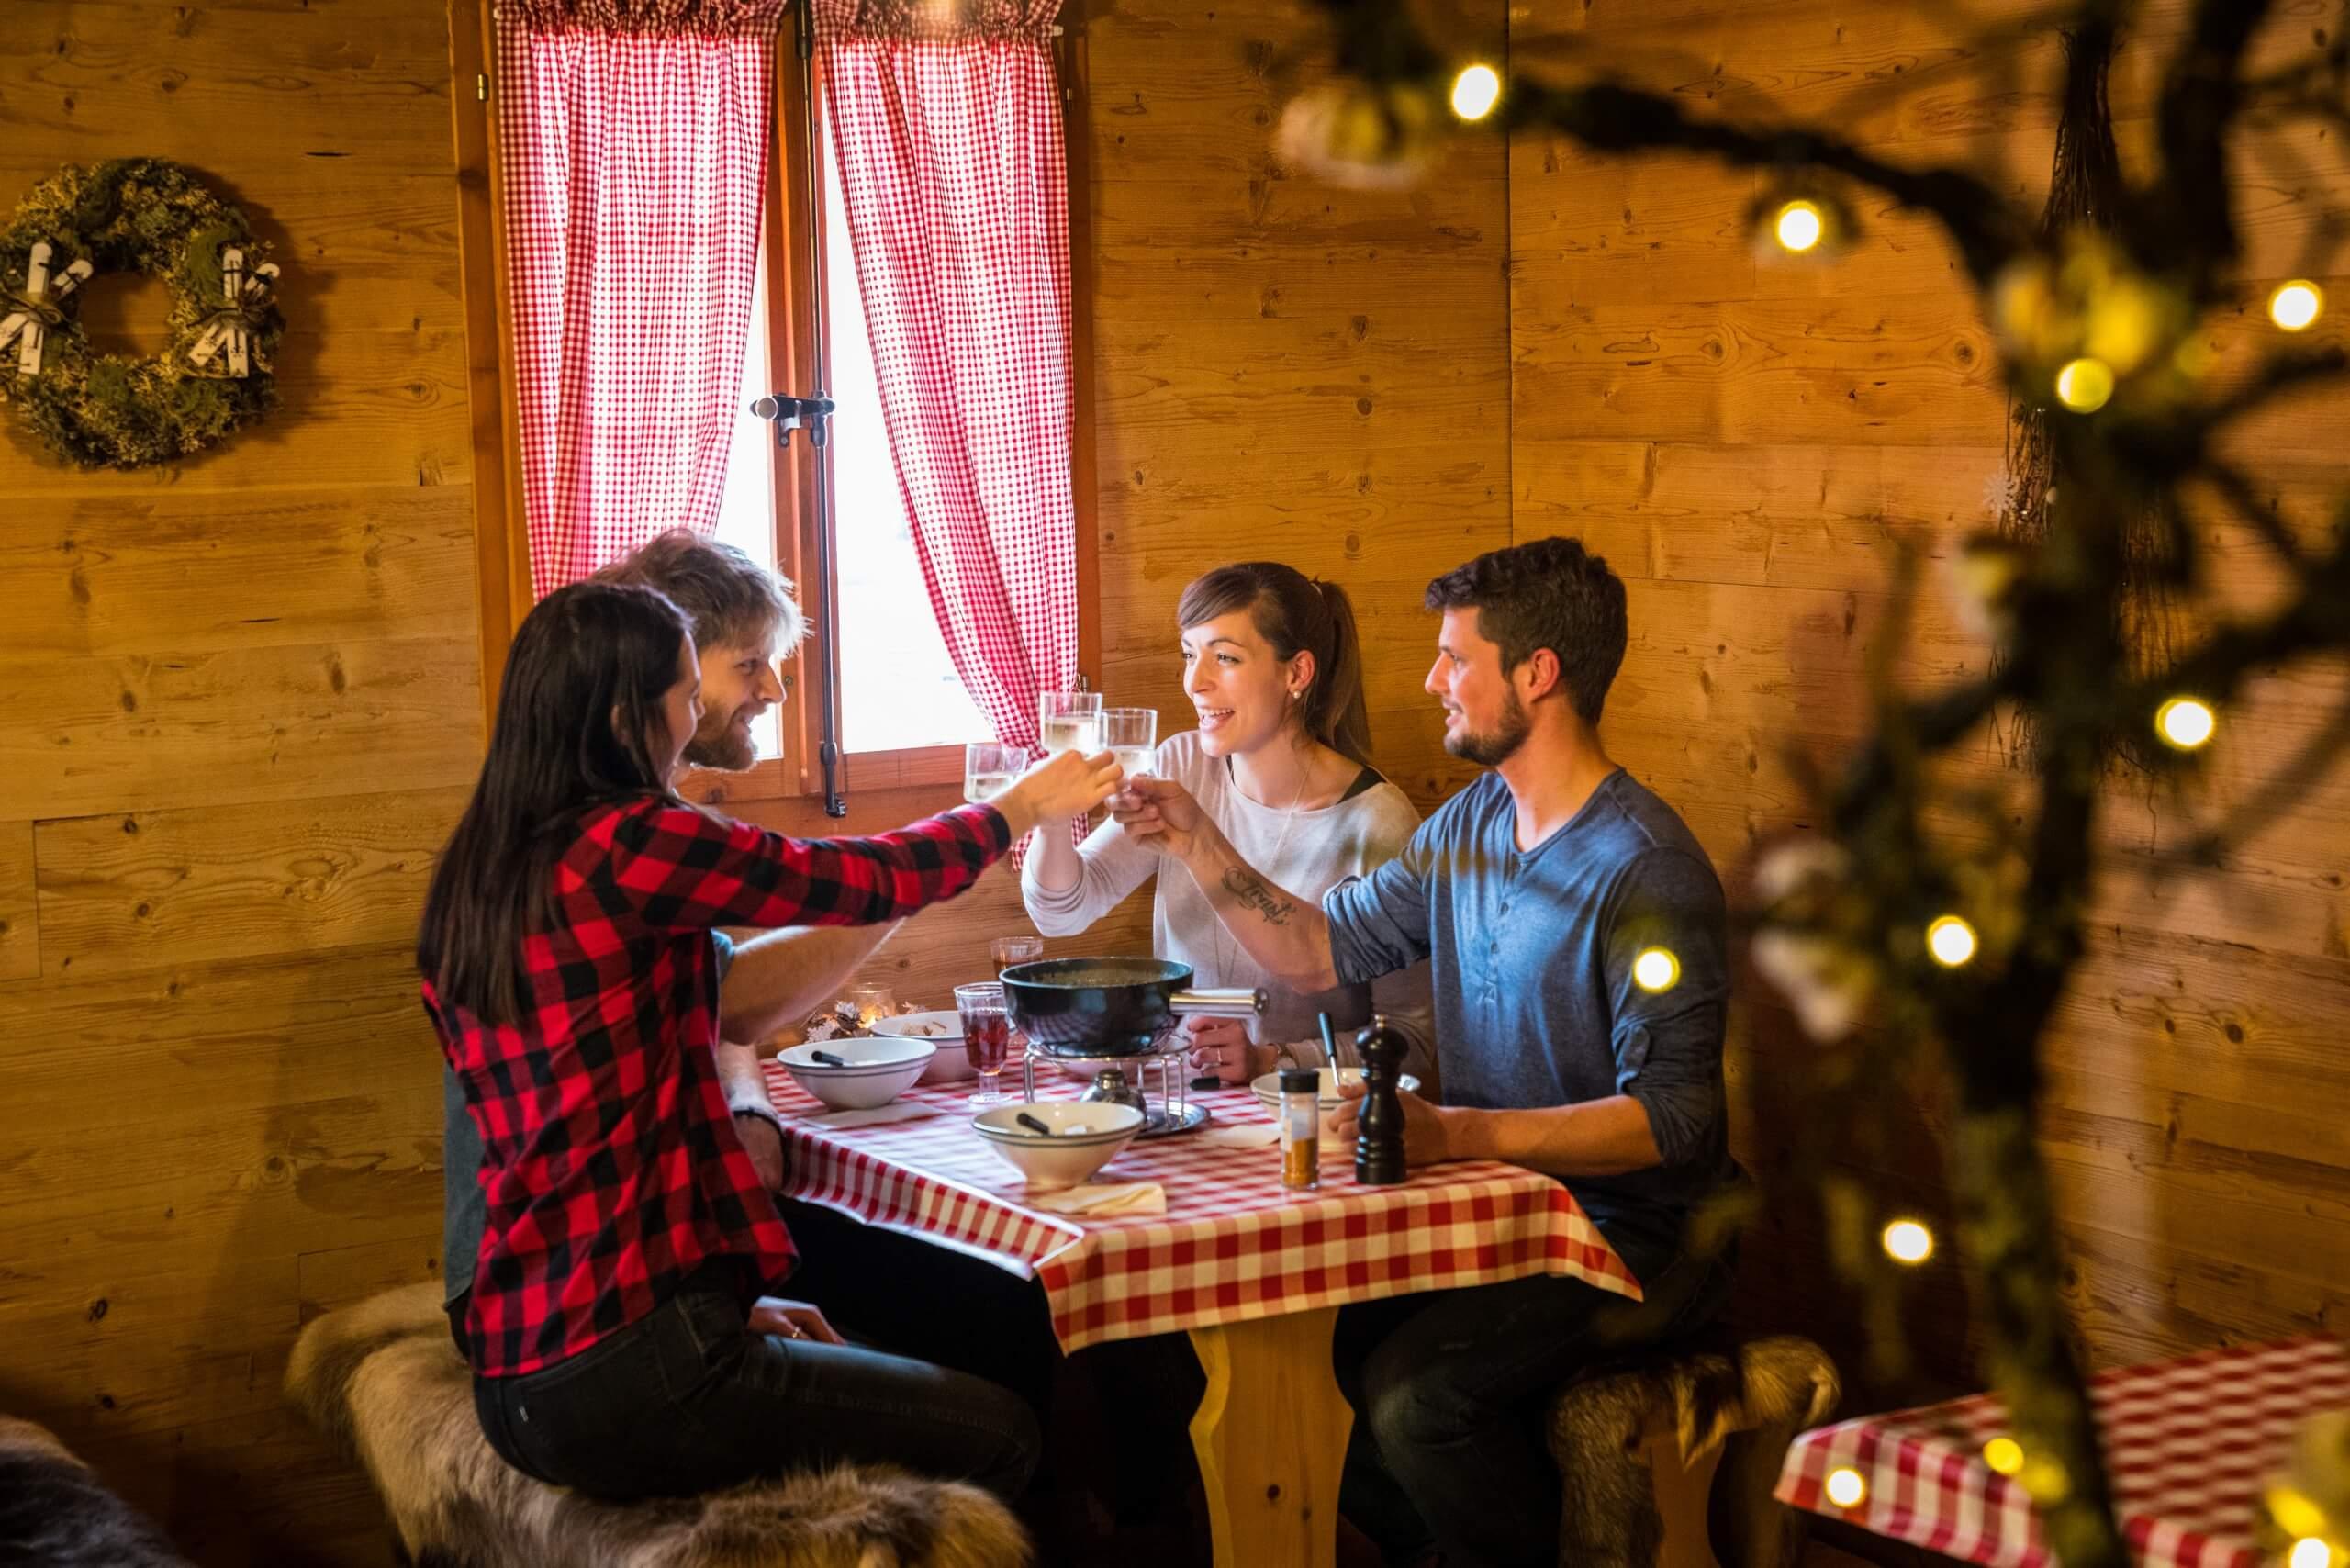 brienz-hot-pot-restaurant-fondue-essen-winter